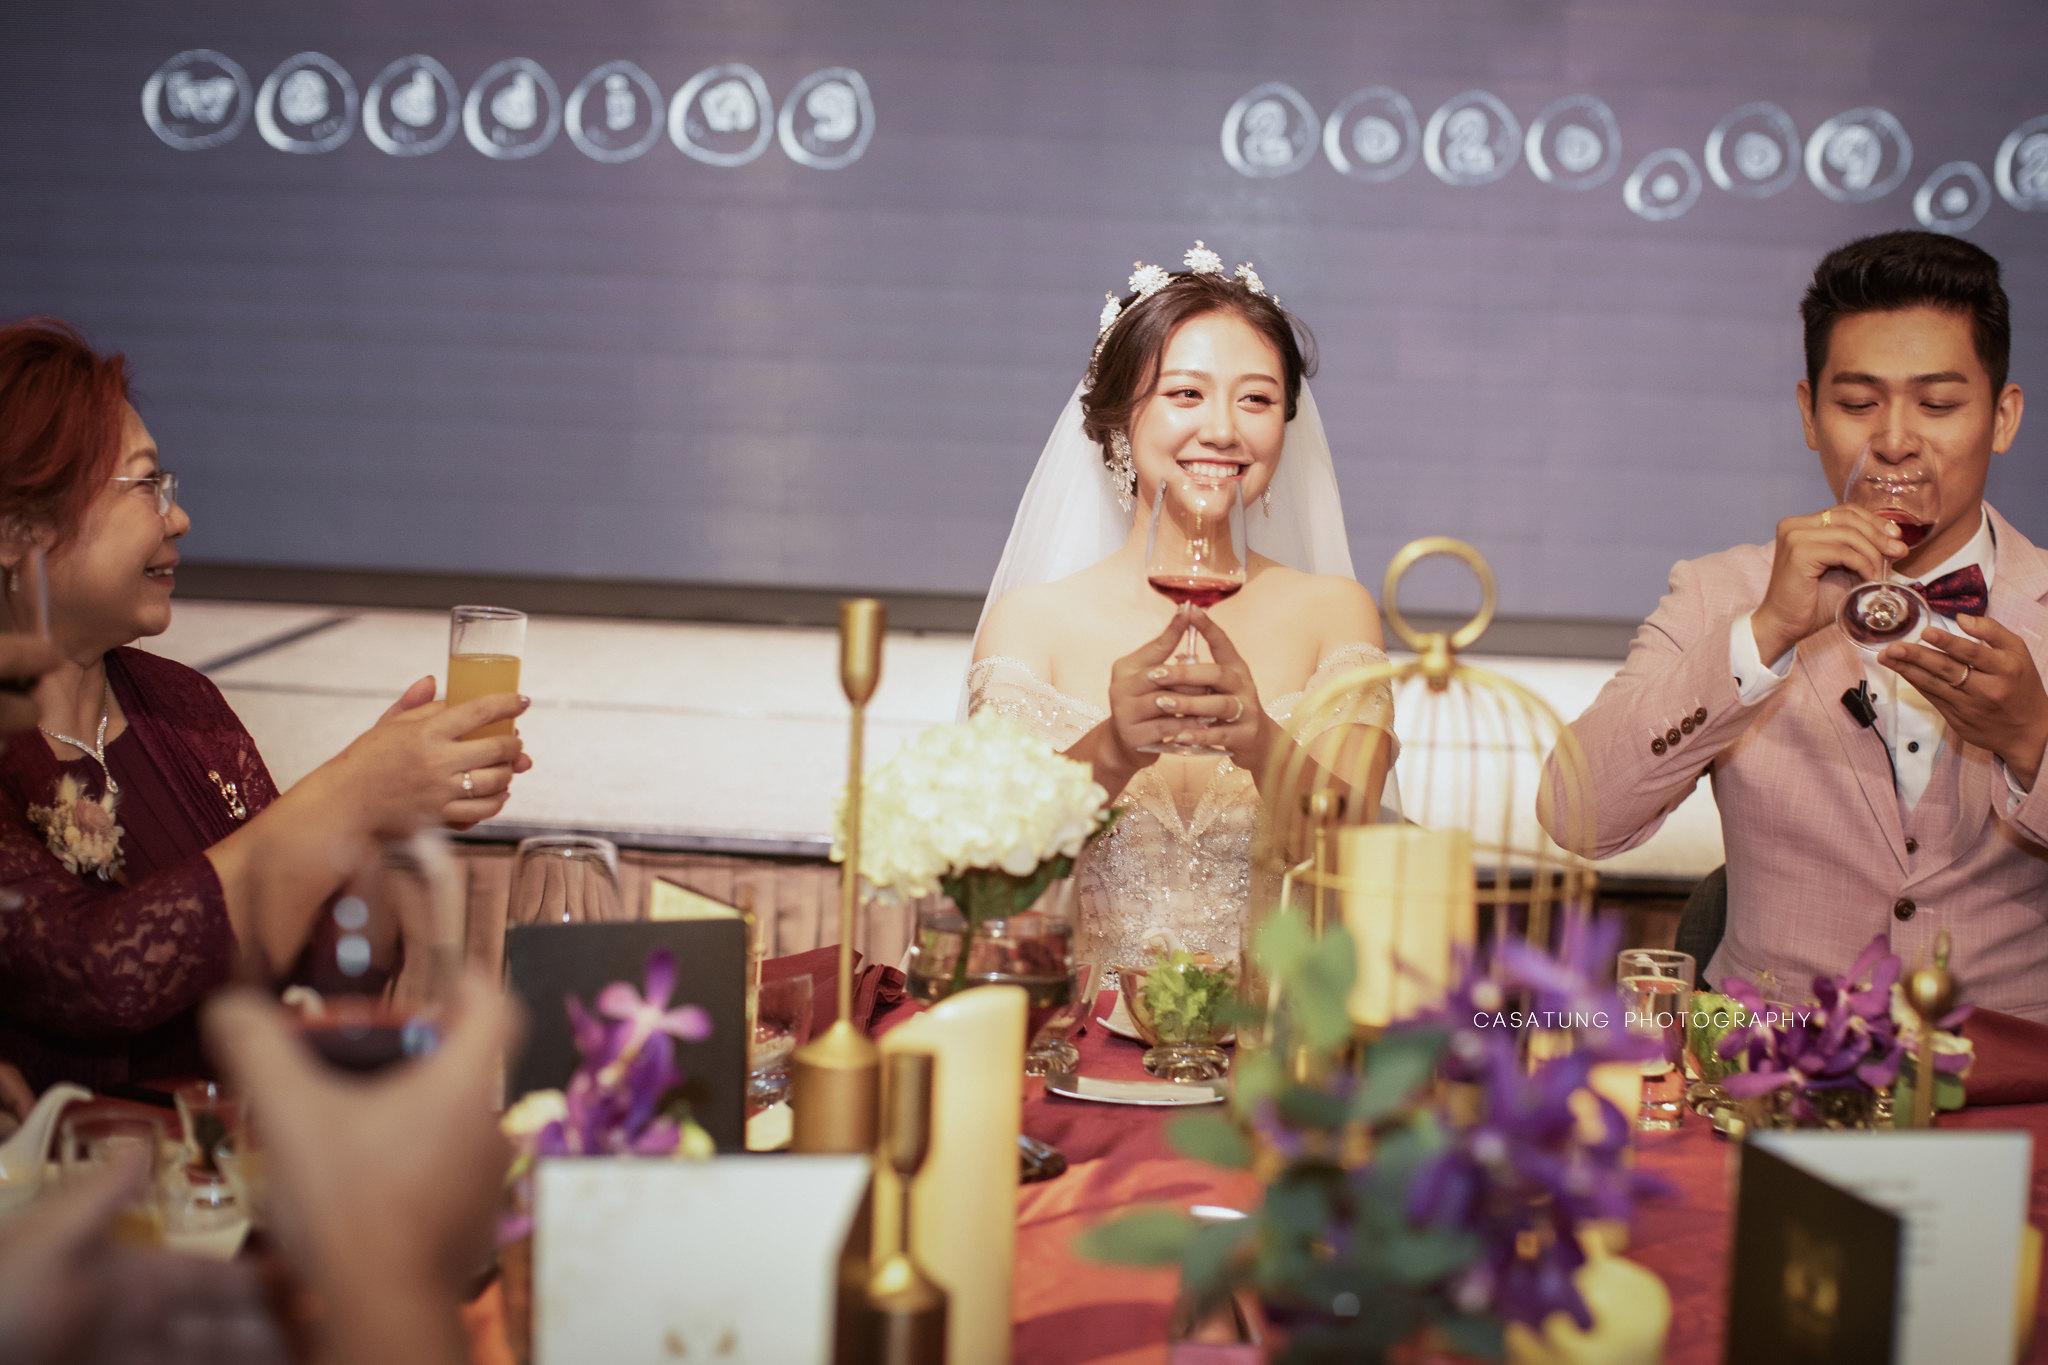 戶外婚禮, 手工婚紗, 台中婚攝, 自助婚紗, 婚紗工作室, 婚紗推薦旋轉木馬, 婚攝推廷, 婚攝CASA, 推薦婚攝, 旋轉木馬婚紗, 萊特維庭婚禮, 禮服出租, lightweeding,萊特薇庭婚攝-119